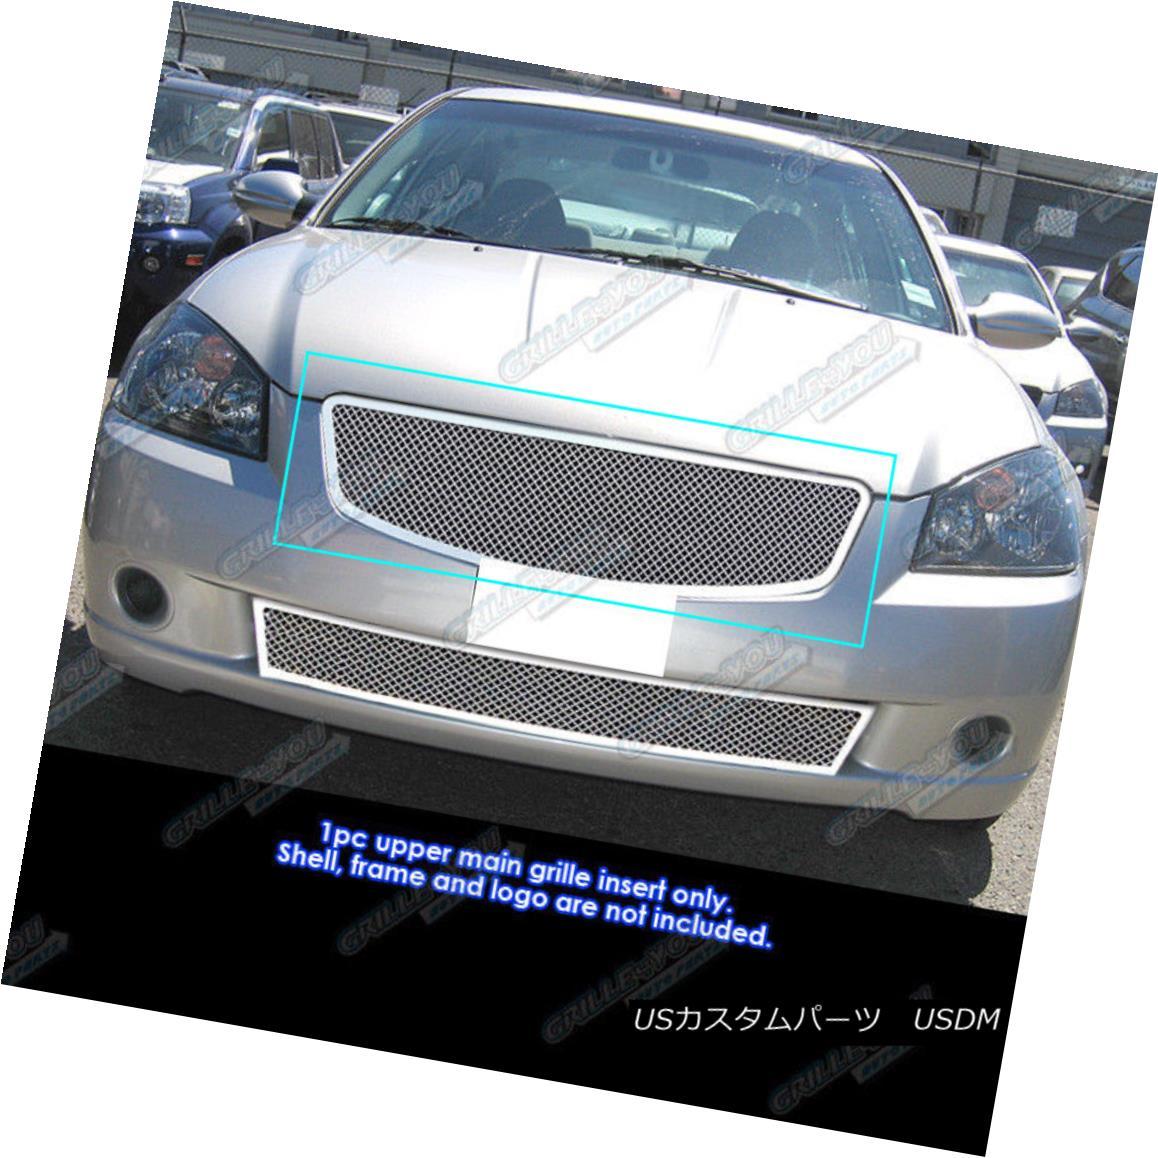 グリル Fits 2005-2006 Nissan Altima Stainless Mesh Grille Insert 2005-2006 Nissan Altimaステンレスメッシュグリルインサート